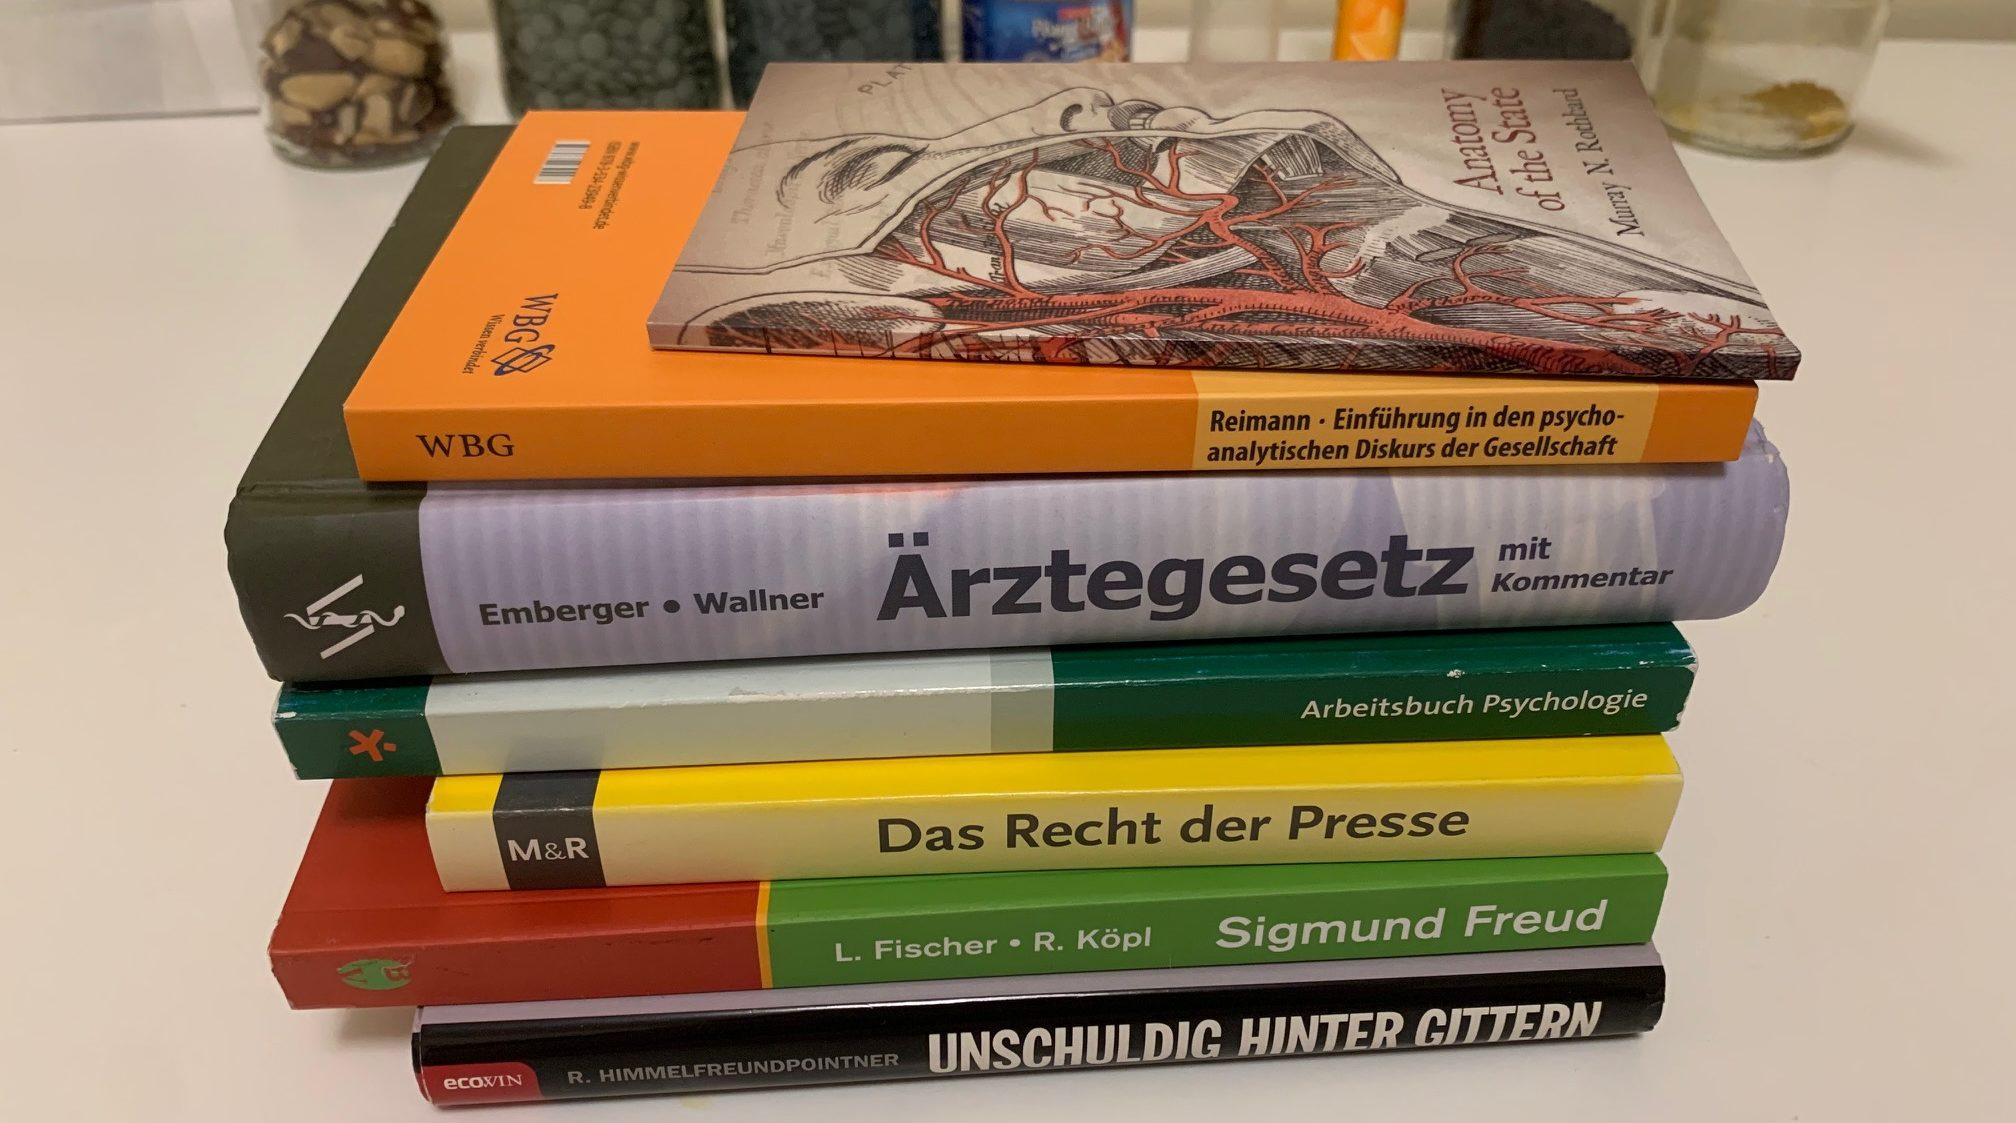 Bücher zu Psychologie, Strafrecht und Gesellschaft